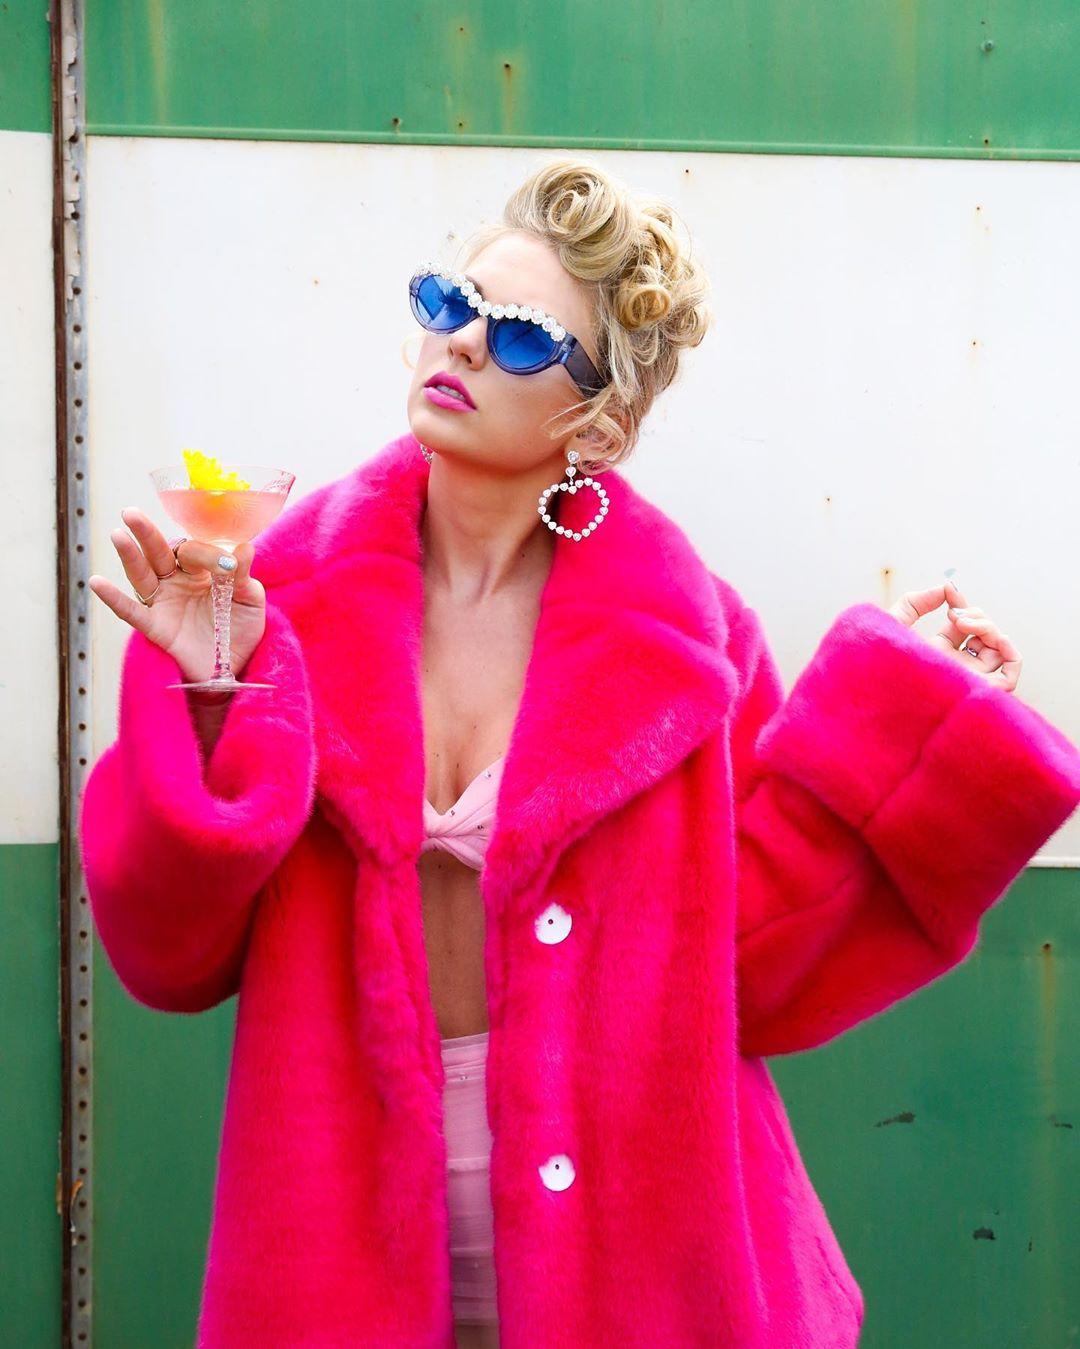 Тейлор Свифт стала самой богатой звездой по версии Forbes-Фото 1